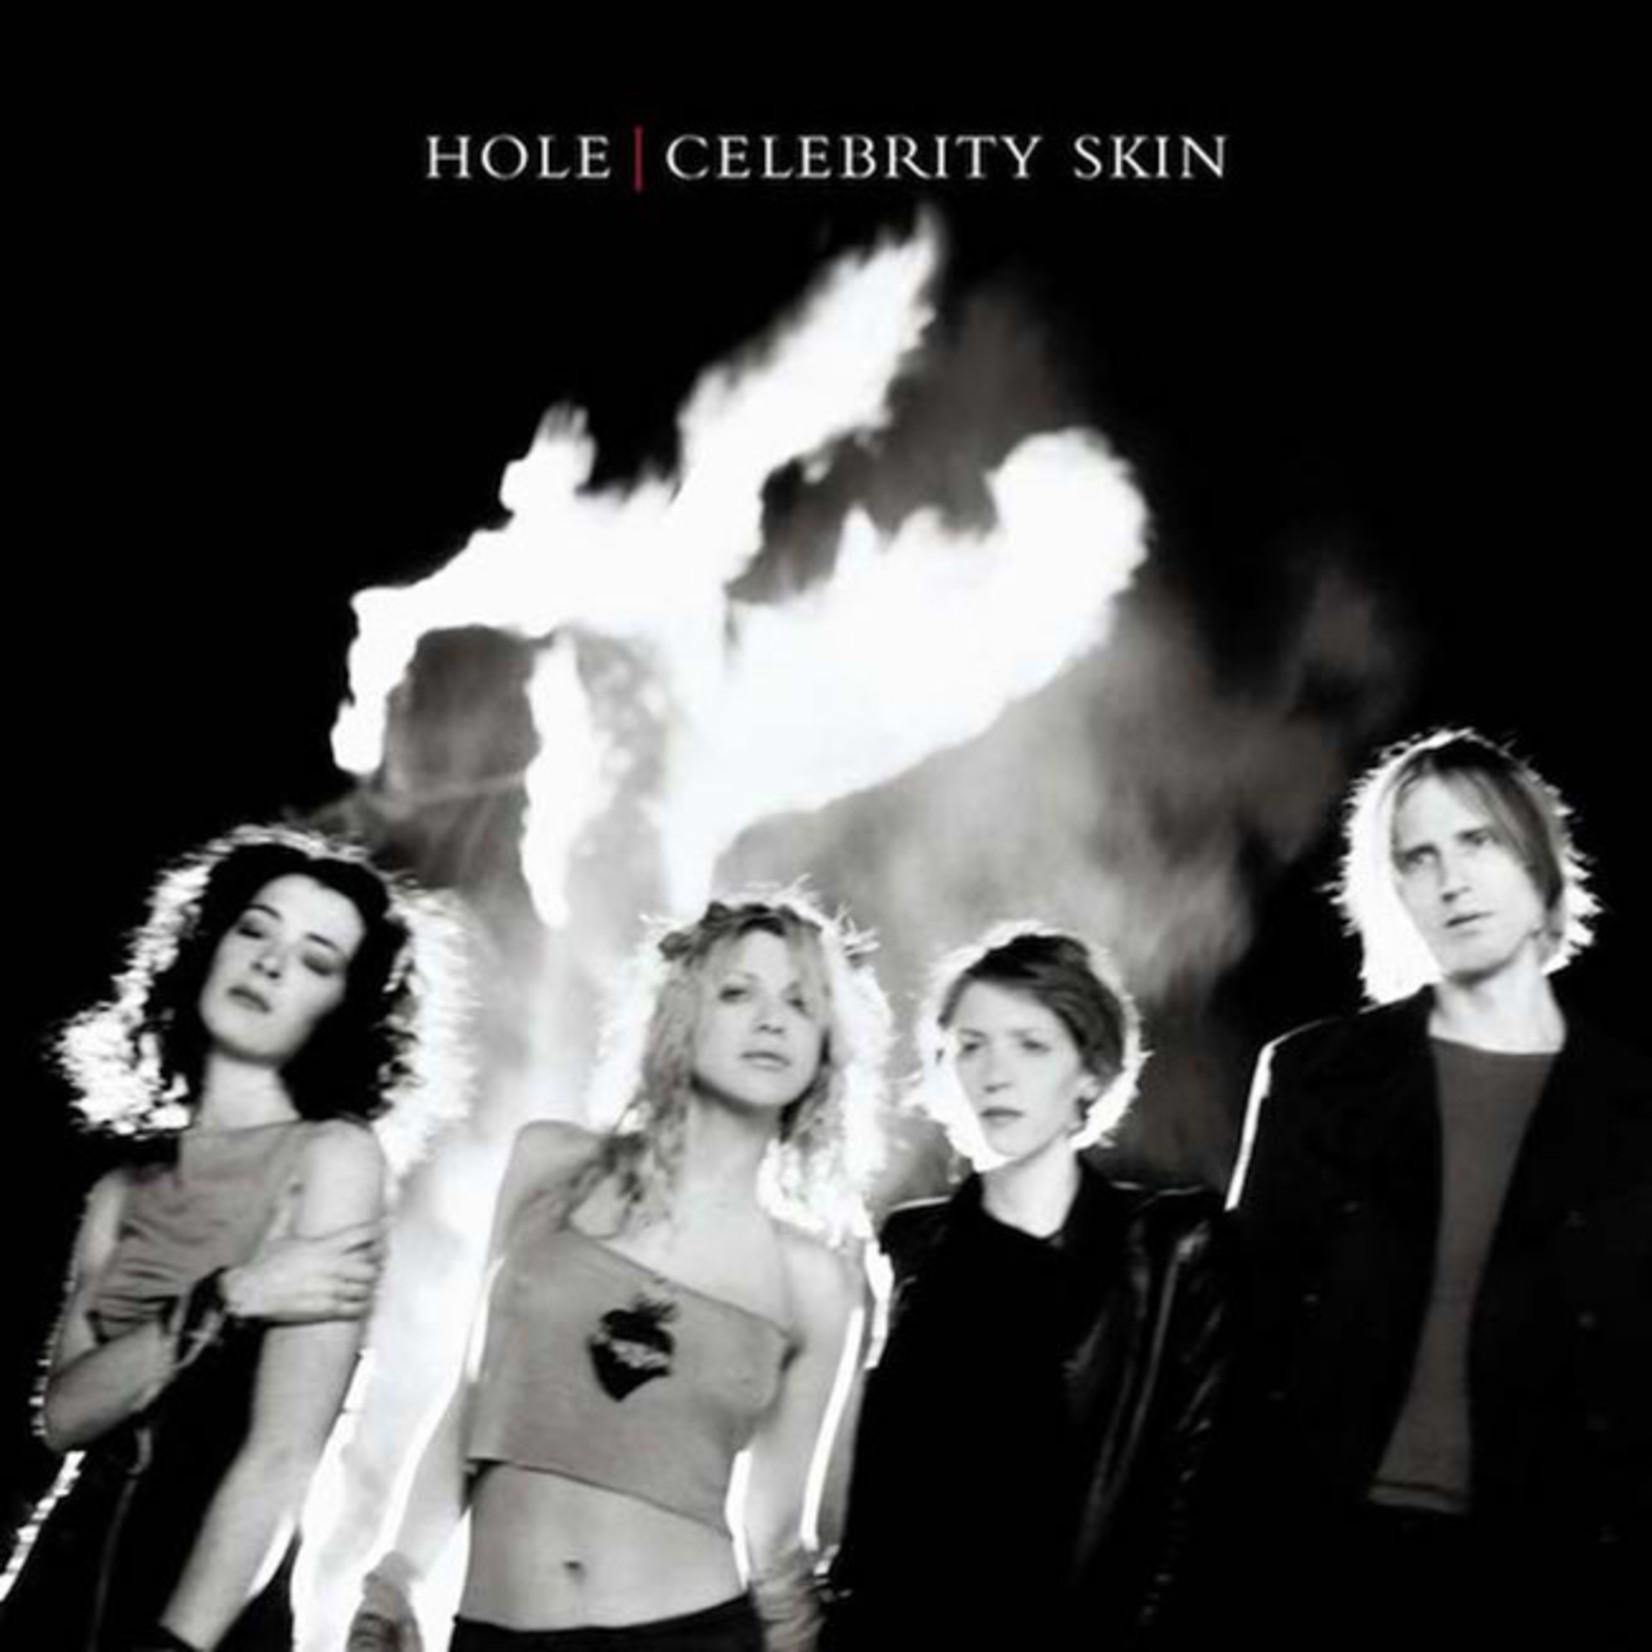 [New] Hole: Celebrity Skin